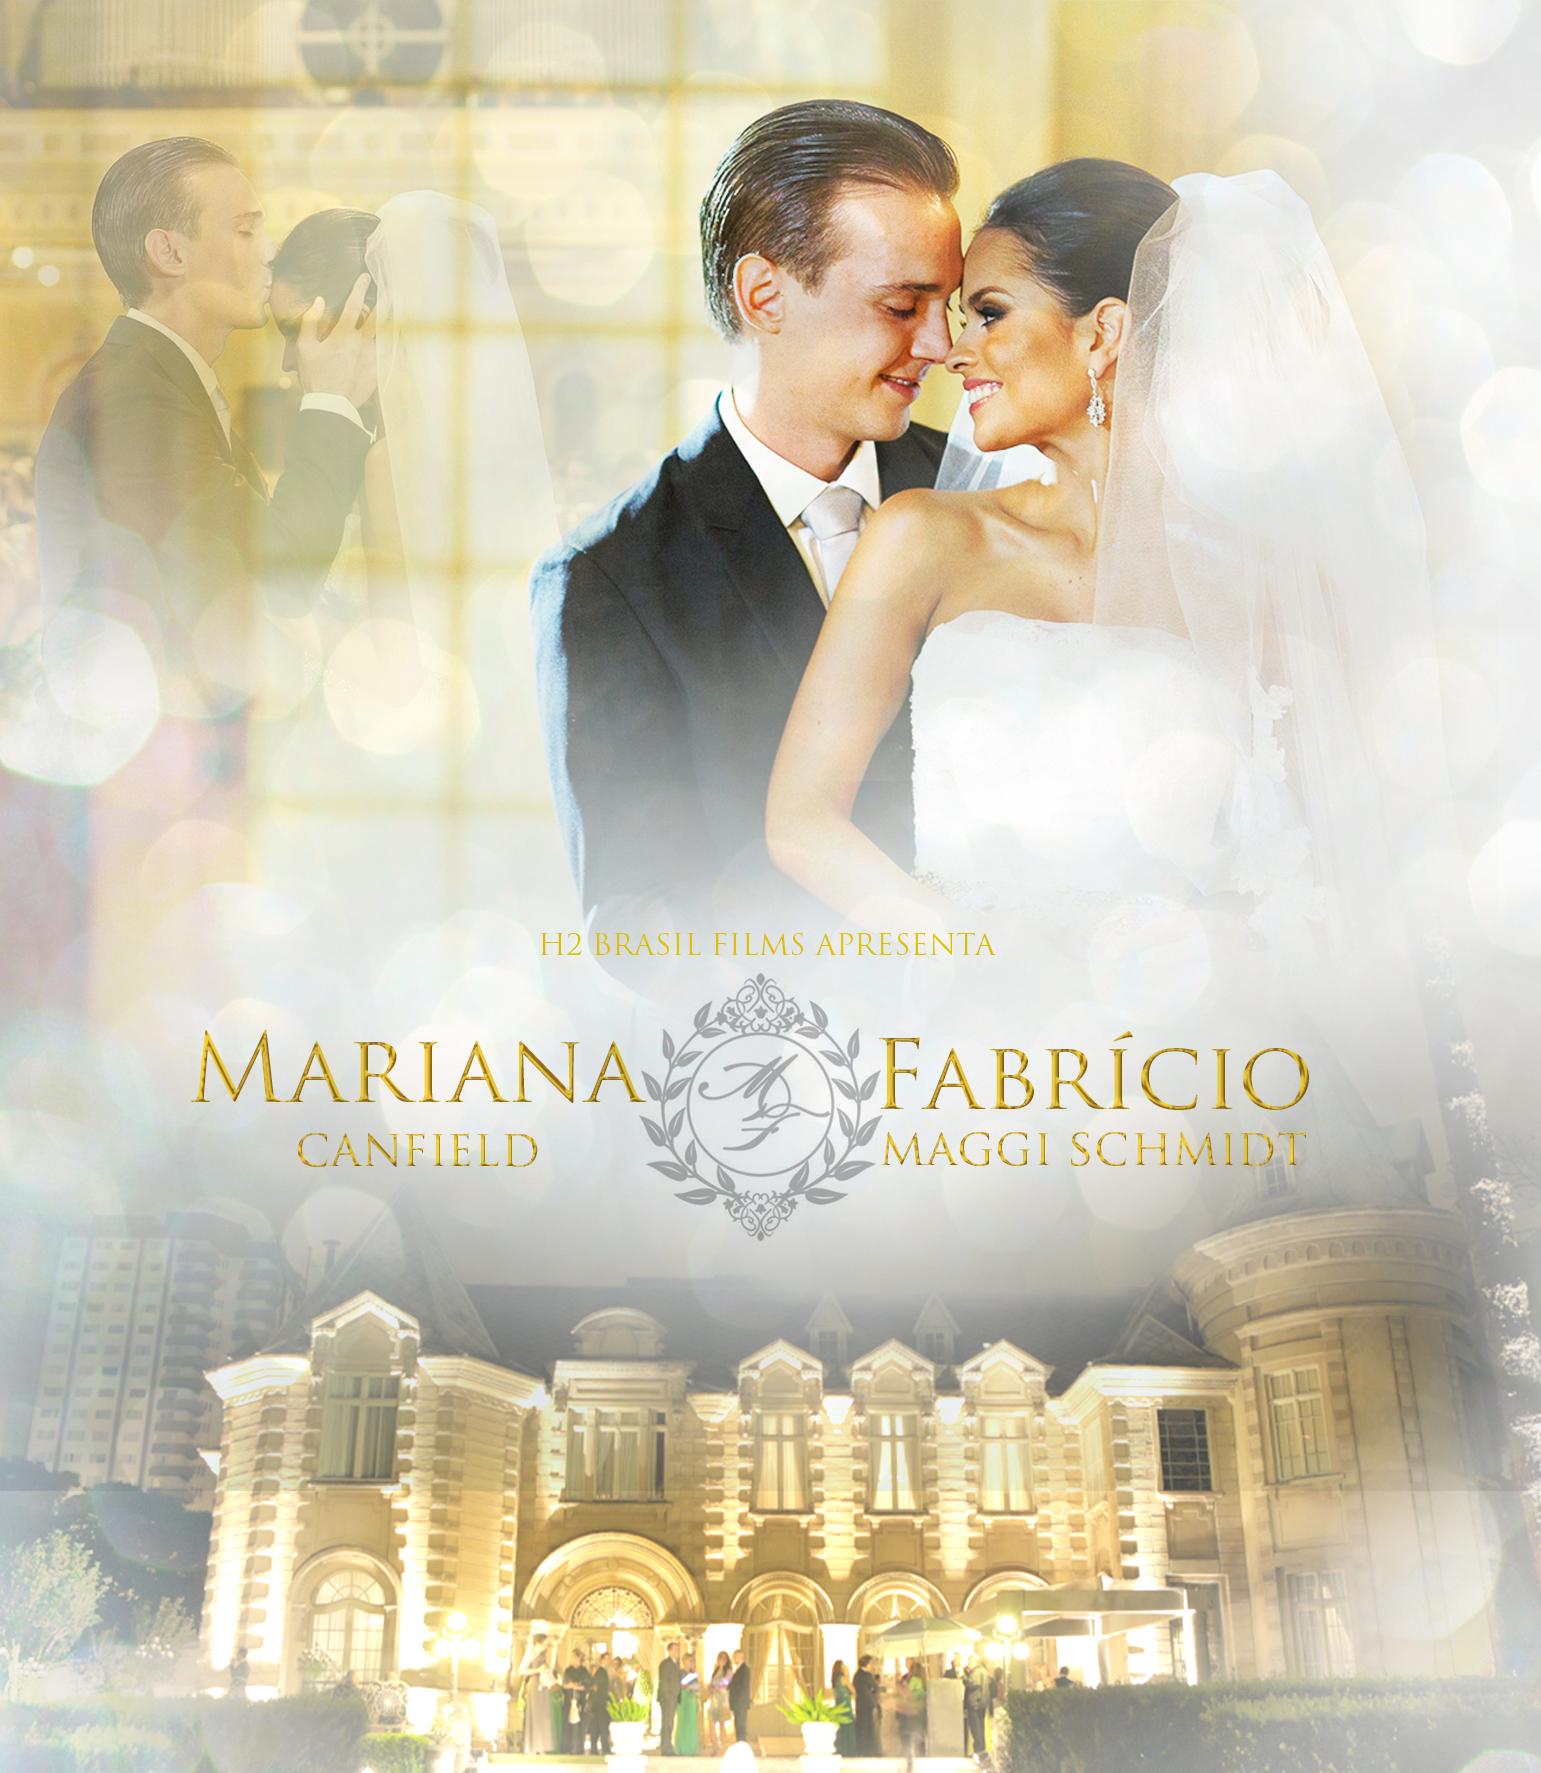 Royal Wedding - FORNECEDORES: Filme: H2 BRASIL WEDDING FILMS Fotografias: FER CESAR FOTOGRAFIA Local Festa: CASTELO BATEL Local Cerimônia: IGREJA STA TERESINHA/BATEL Cerimonial: AMANDA CIDRAL Decoração Castelo Do Batel: CÉLIO CORRÊA Decoração Igreja: TINA GABRIEL A Noiva Veste: PRONOVIAS E DENISE LEAL O Noivo Veste: HUGO BOSS Alianças: CAMILO JOALHEIRO Doces: SIMONE NEJM Buffet: CASTELO DO BATEL Cabelo E Make Up: Cabelo - SHERLOK PALMIERI / Make- THIAGO STRAUB Música Festa: BRUNO & MARRONE